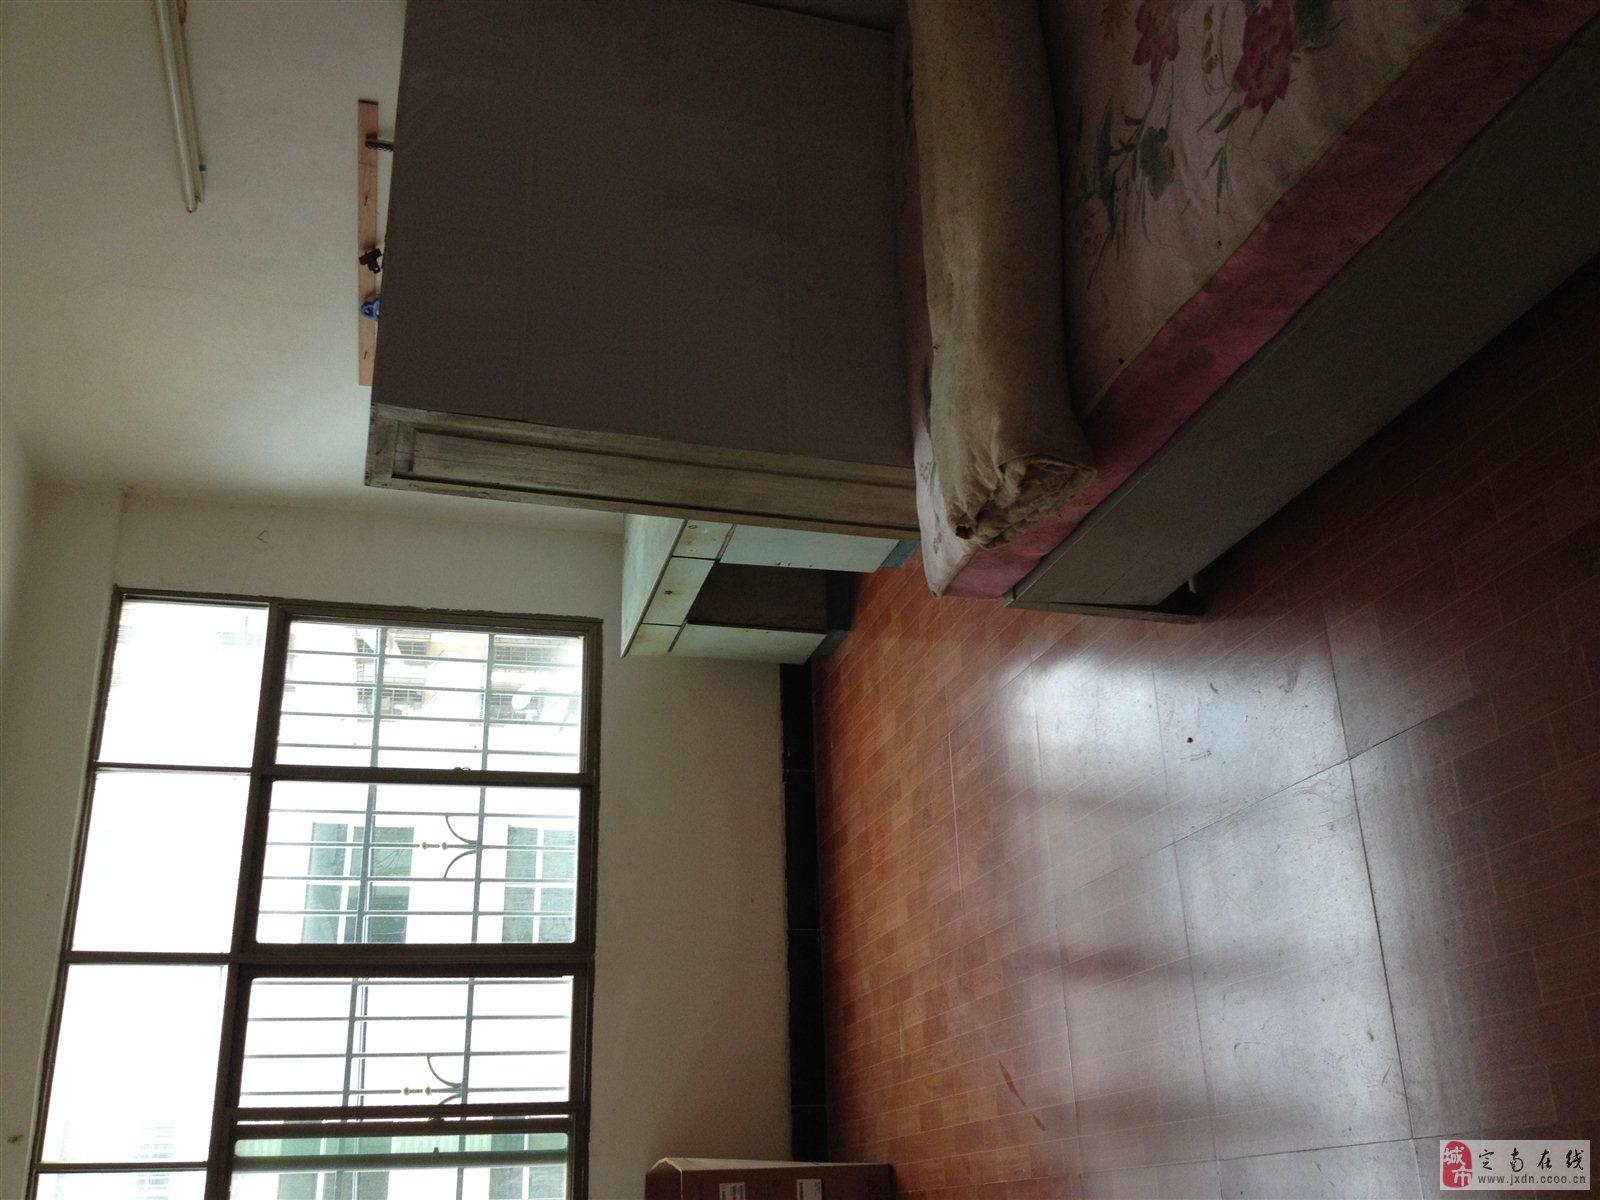 三层半楼房两间两房外表设计图